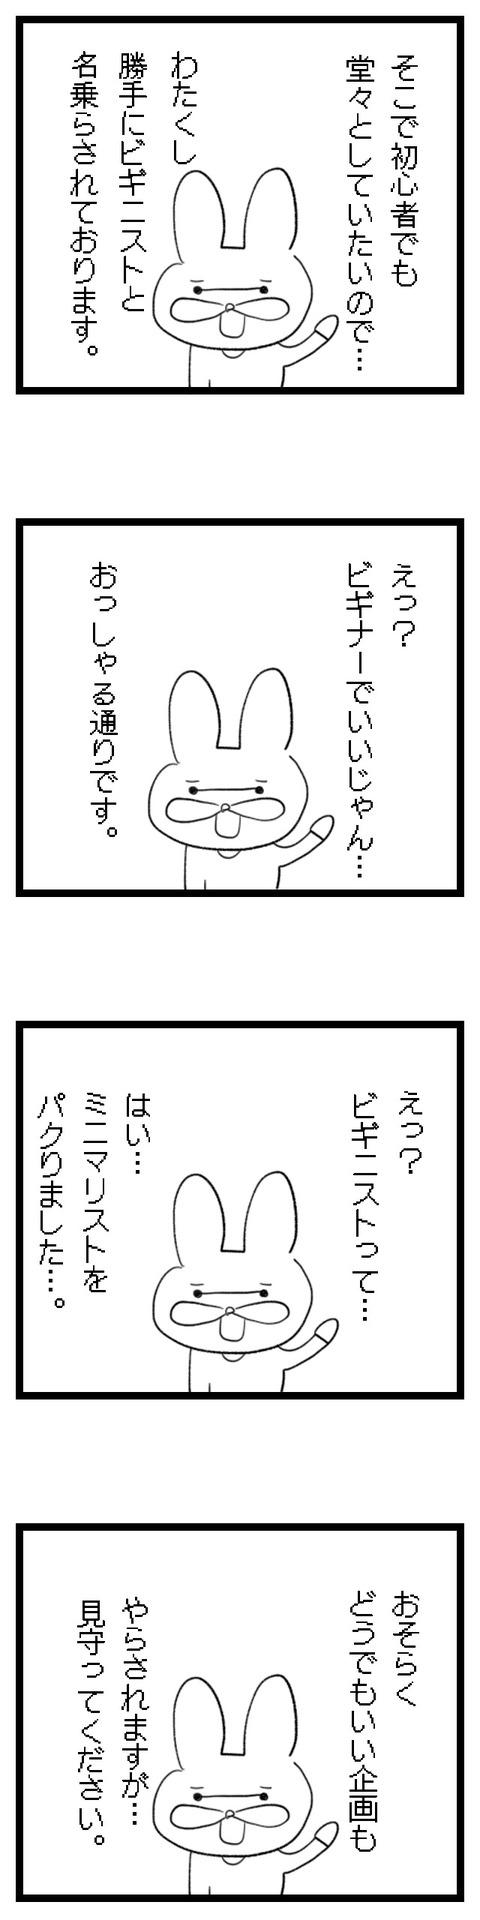 6ビギニストうさ2